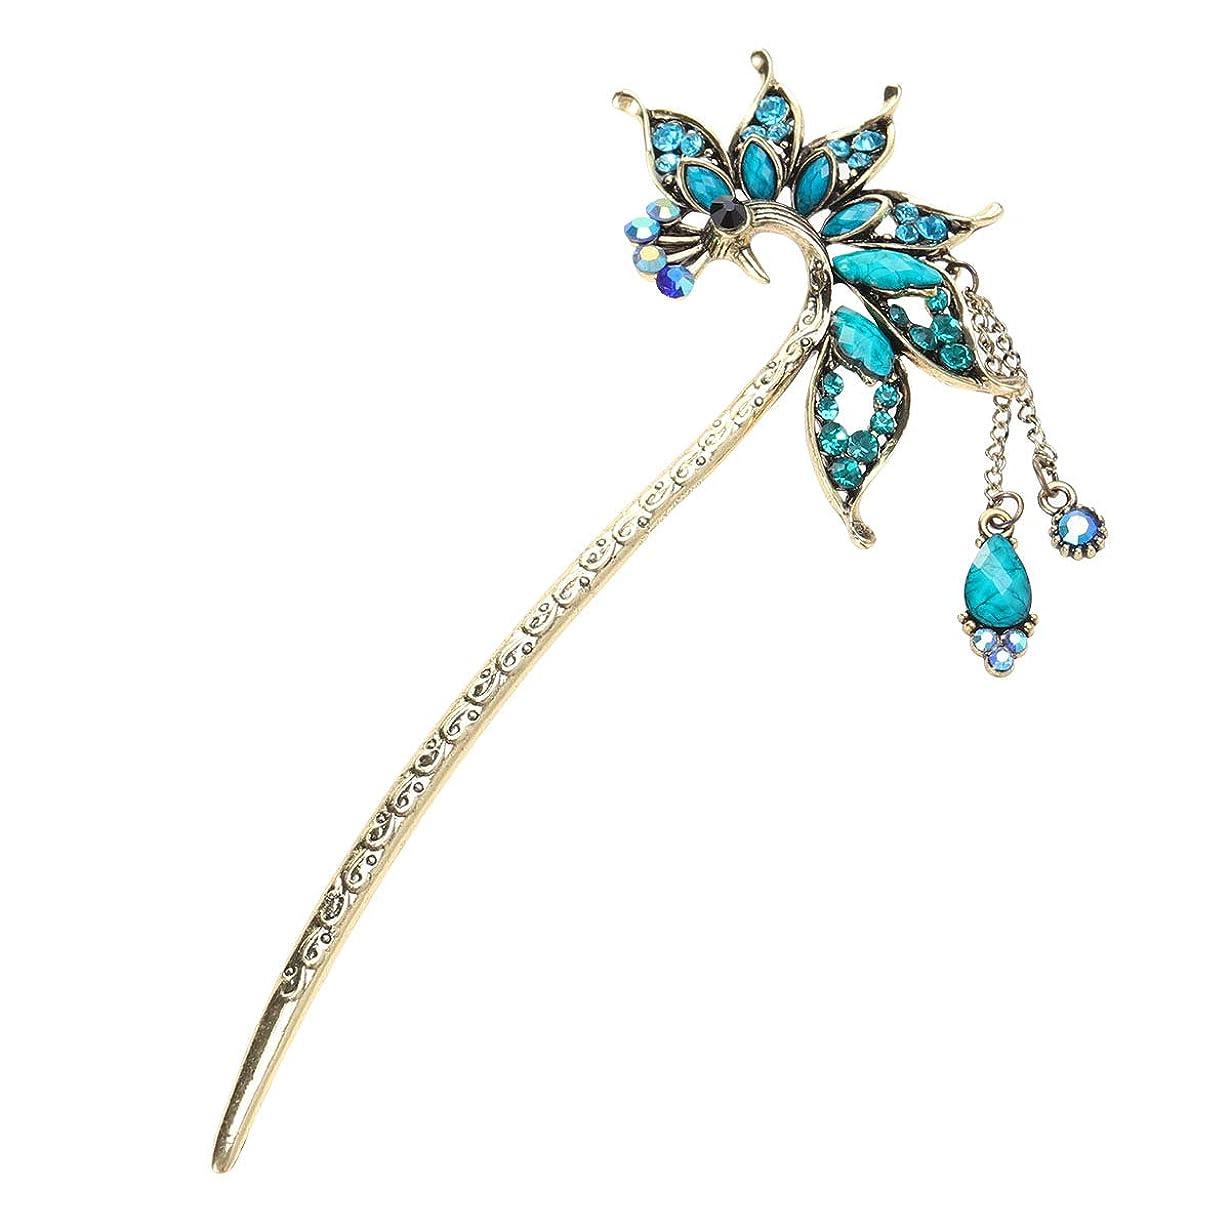 影ダニ差LURROSE クリスタル孔雀とレトロな孔雀のヘアピンヴィンテージヘアスティック中国の古典的な髪の箸(ブルー)